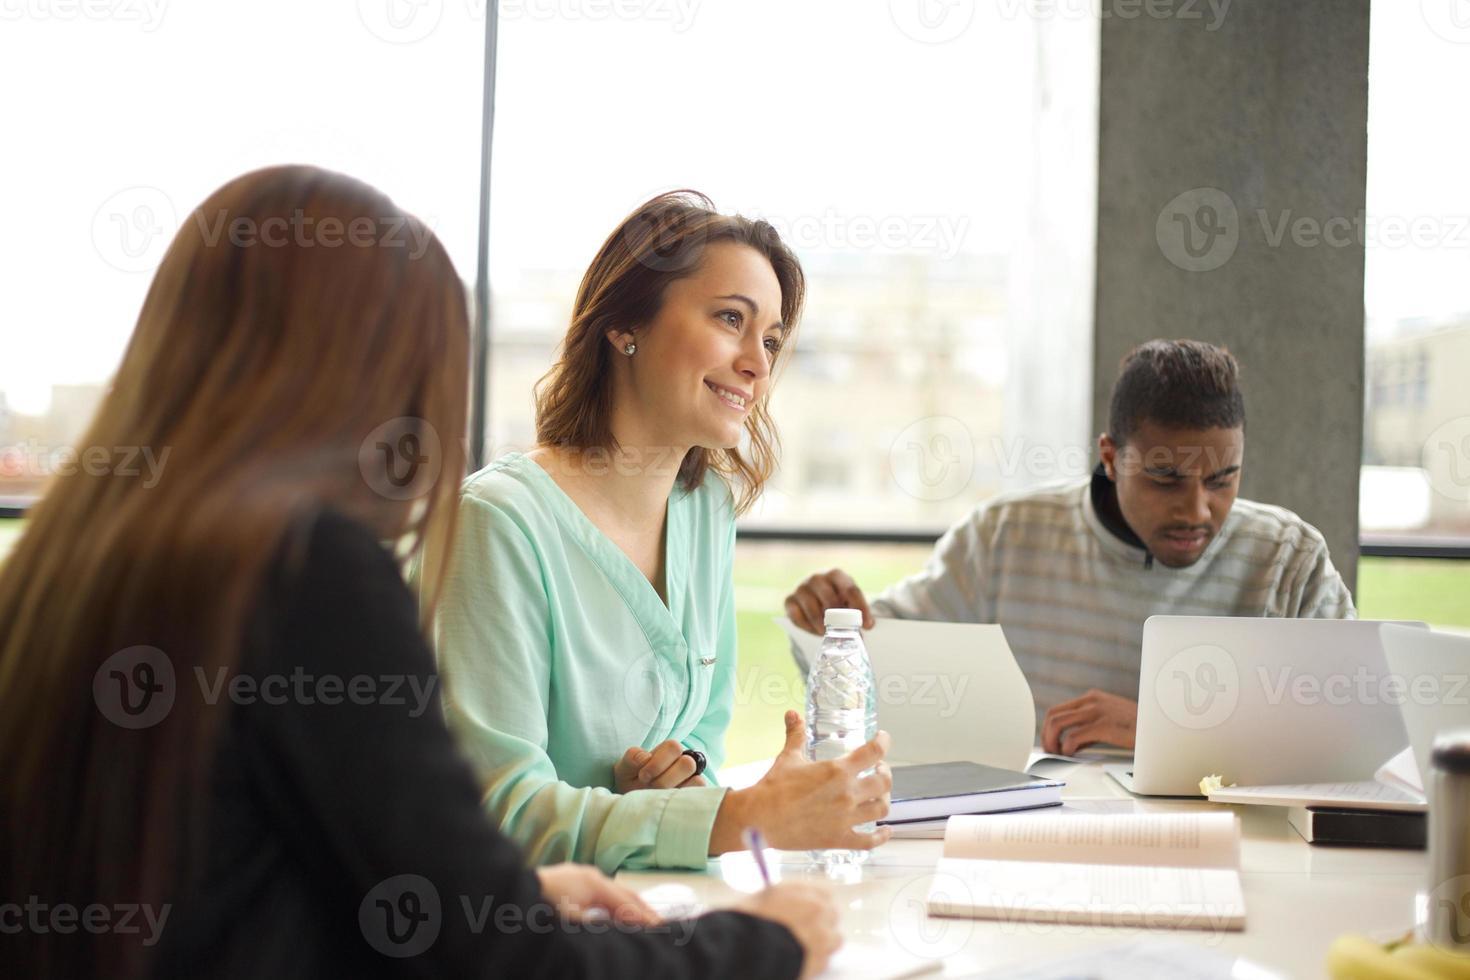 giovane donna che studia in biblioteca con altri studenti foto